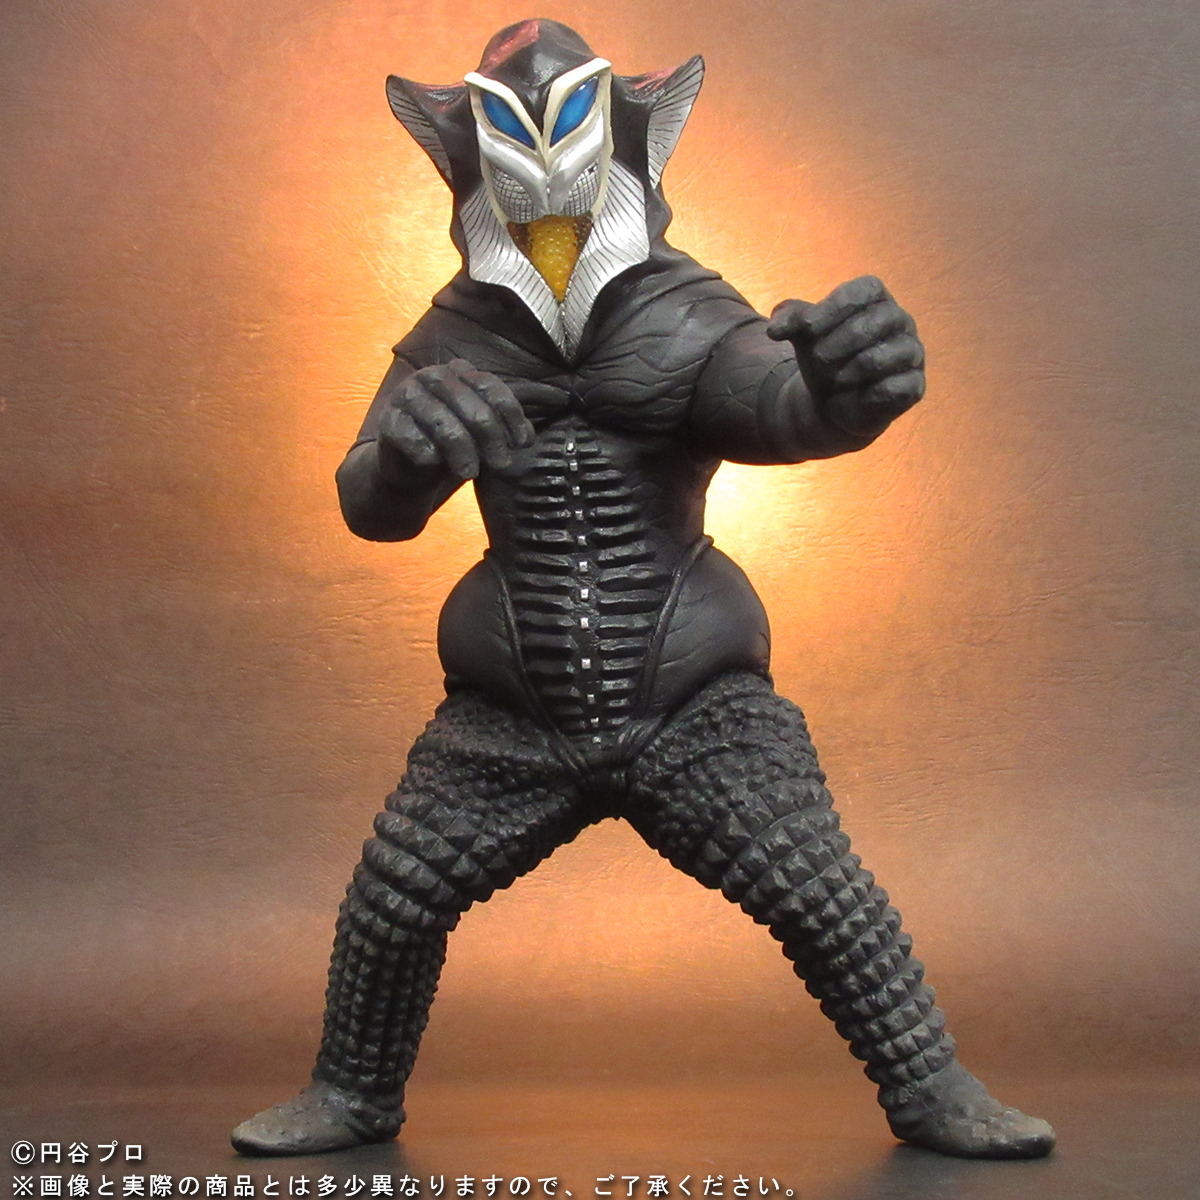 エクスプラス 大怪獣シリーズ ショウネンリック限定 『メフィラス星人・ファイティングポーズ』 ウルトラマン 少年リック CCP グッズの画像